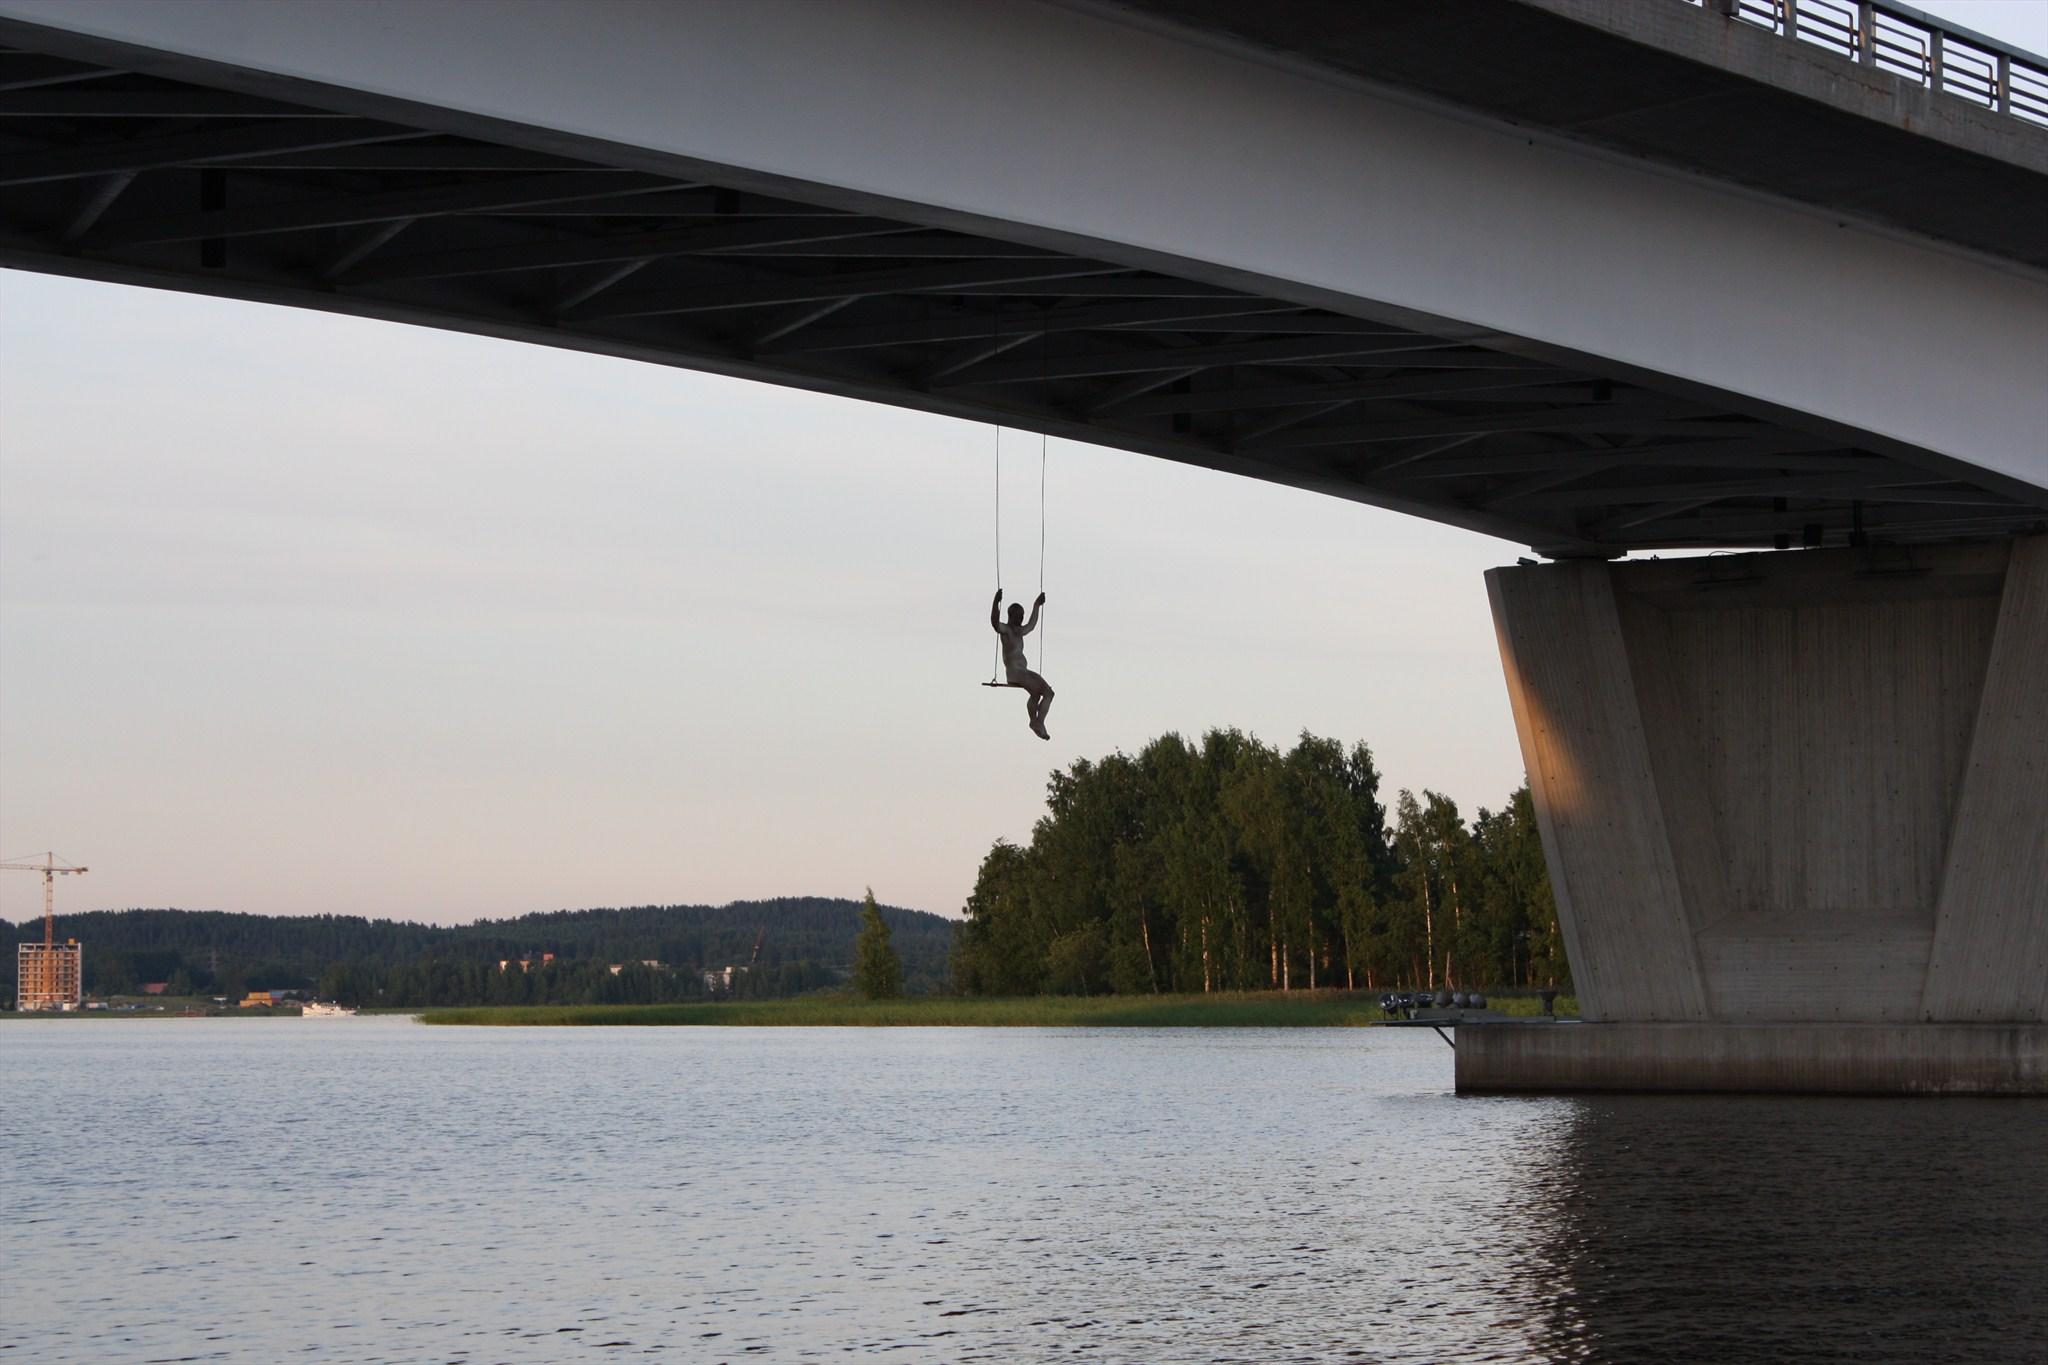 Kuva 1 - Keinuja kätkö esittelee sillalta roikkuvan patsaan. Kätkö on siis patsaan luona.